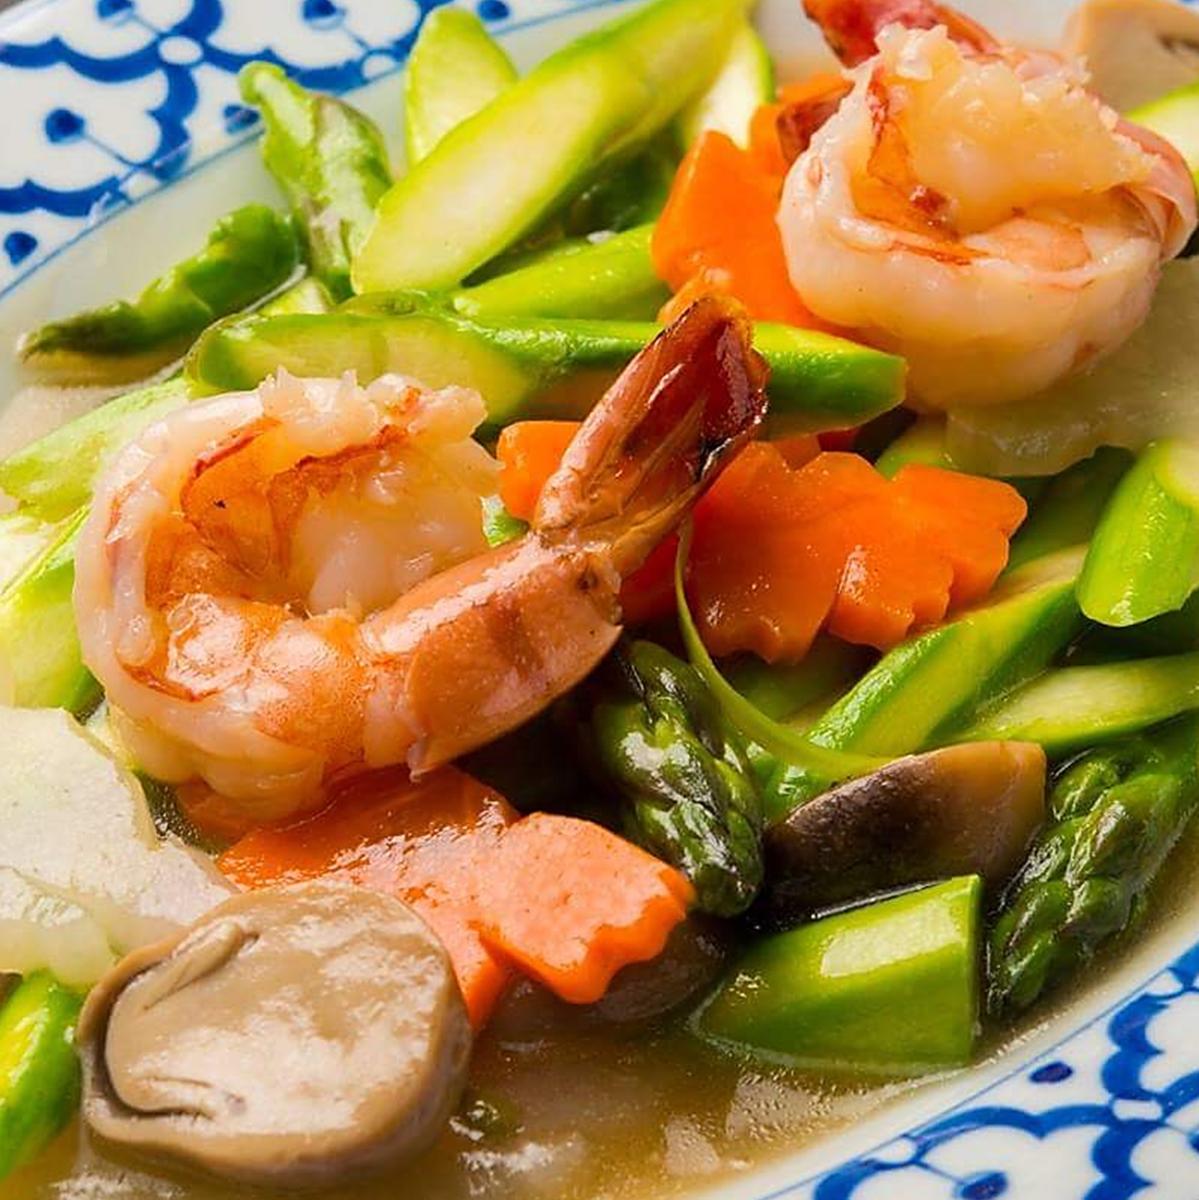 Stir-fried shrimp and asparagus